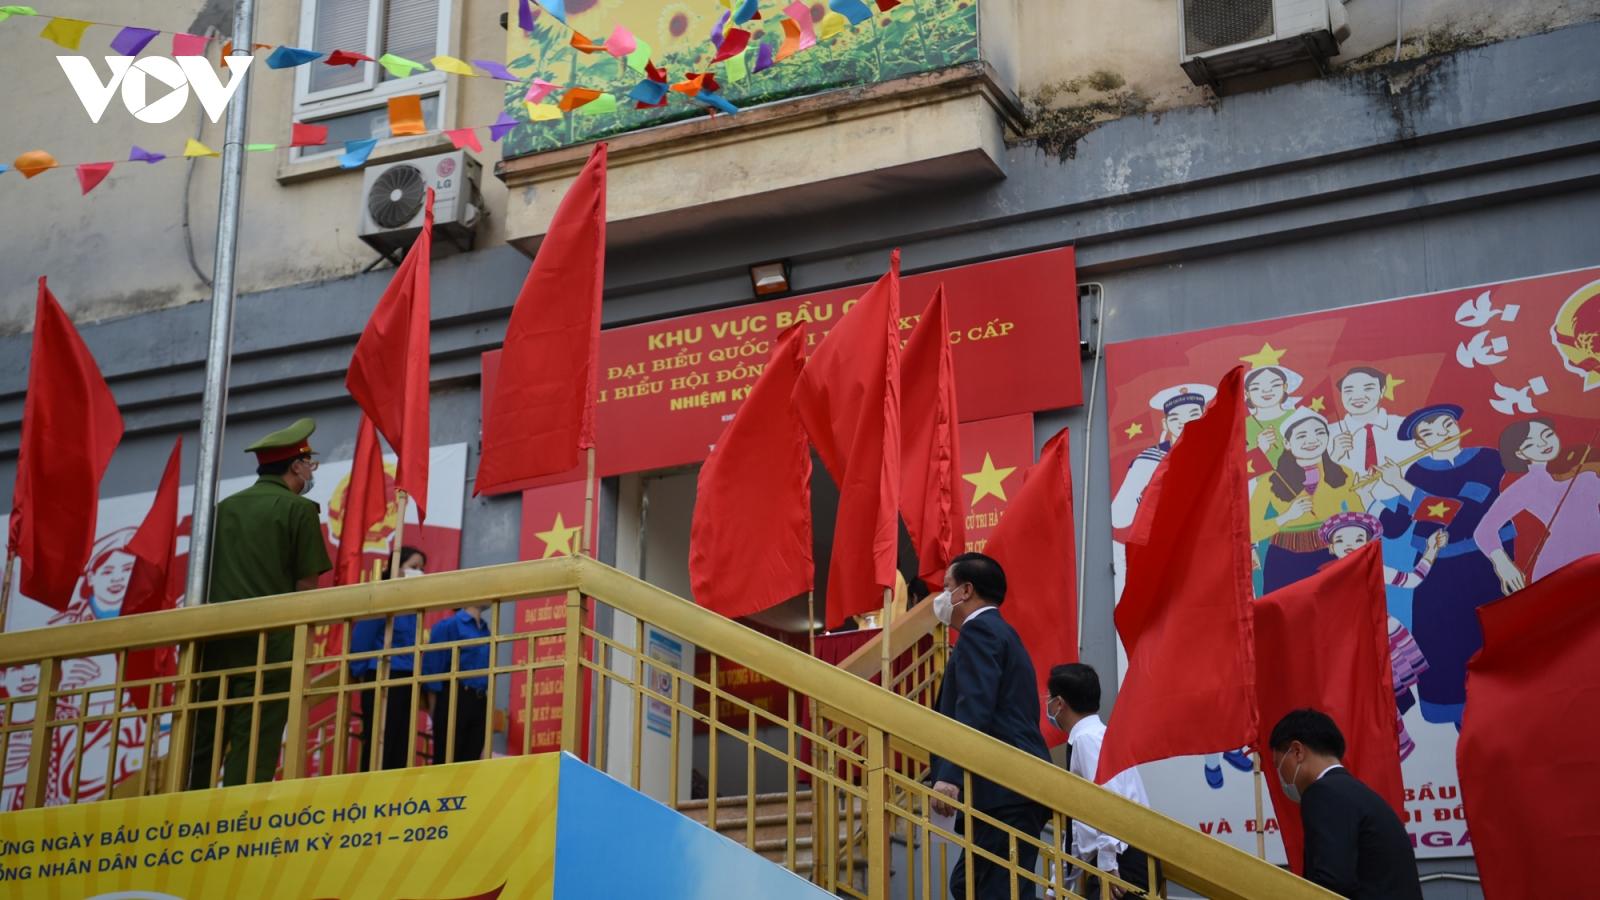 Hà Nội nỗ lực tuyệt đối để đảm bảo cuộc bầu cử an toàn, dân chủ, đúng luật